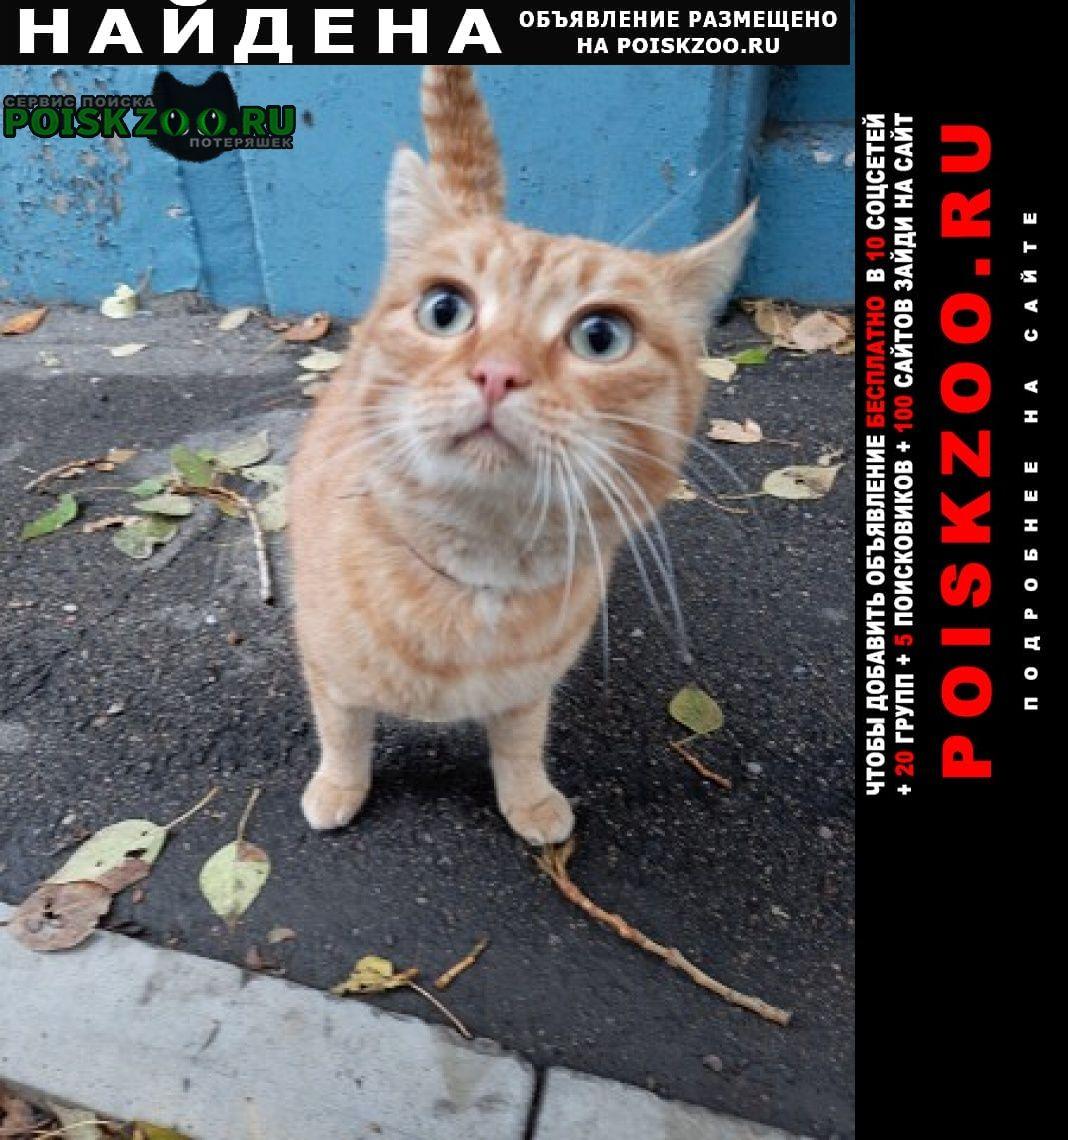 Найден кот в ошейнике Рубцовск